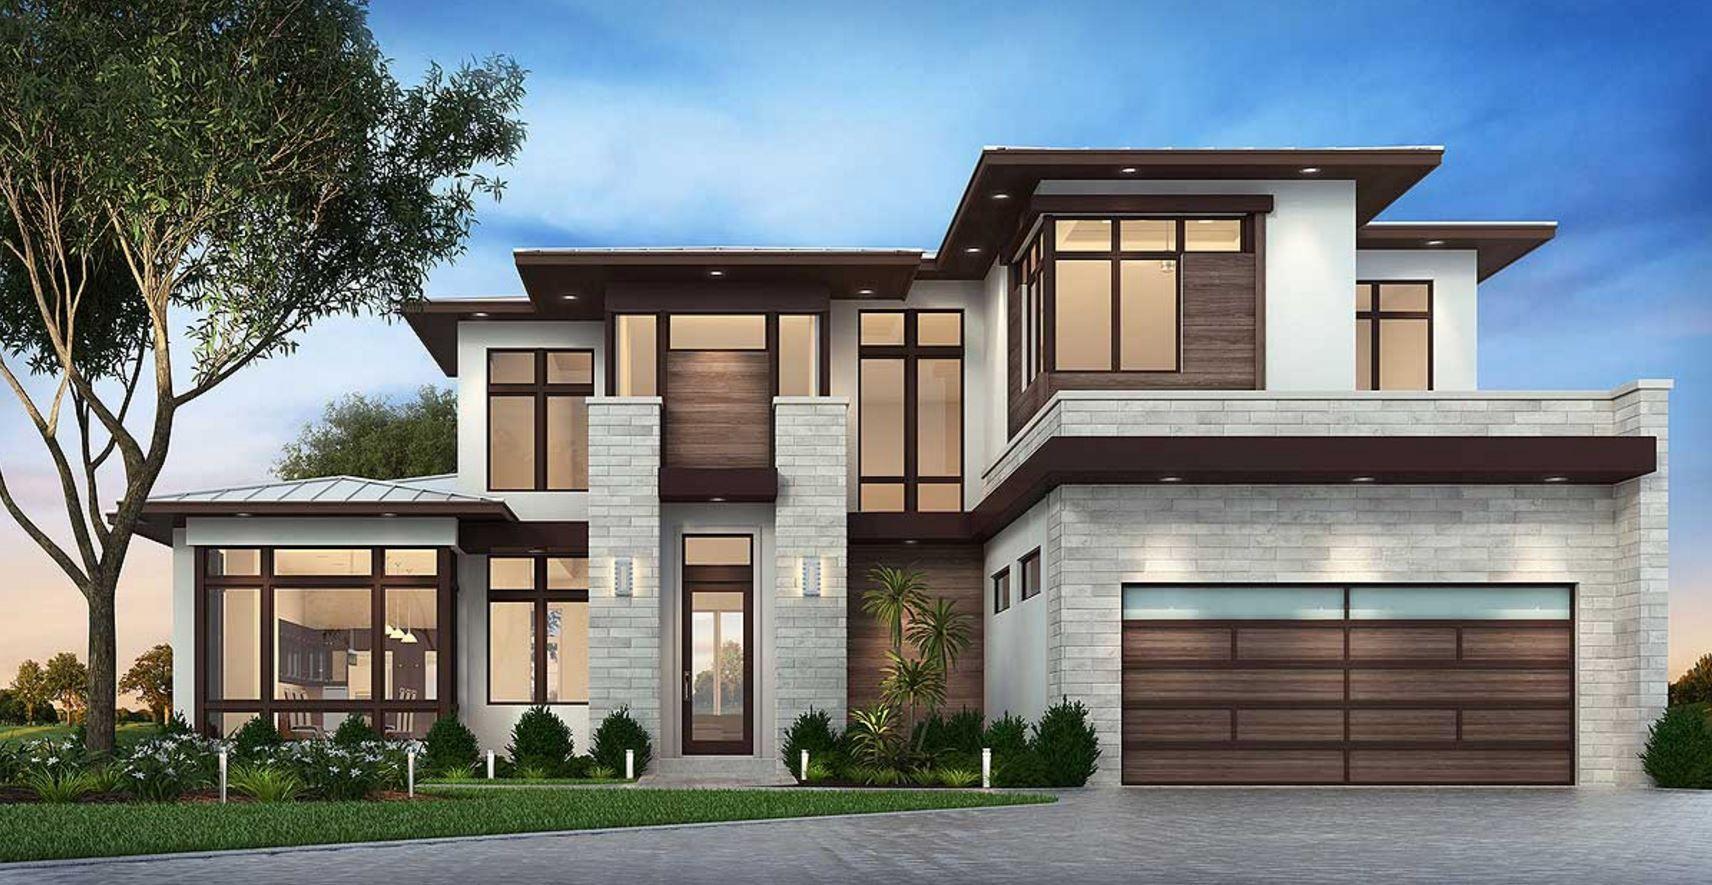 Casa moderna de 350 metros cuadrados arquitectura in for Casa moderna 50 metros cuadrados